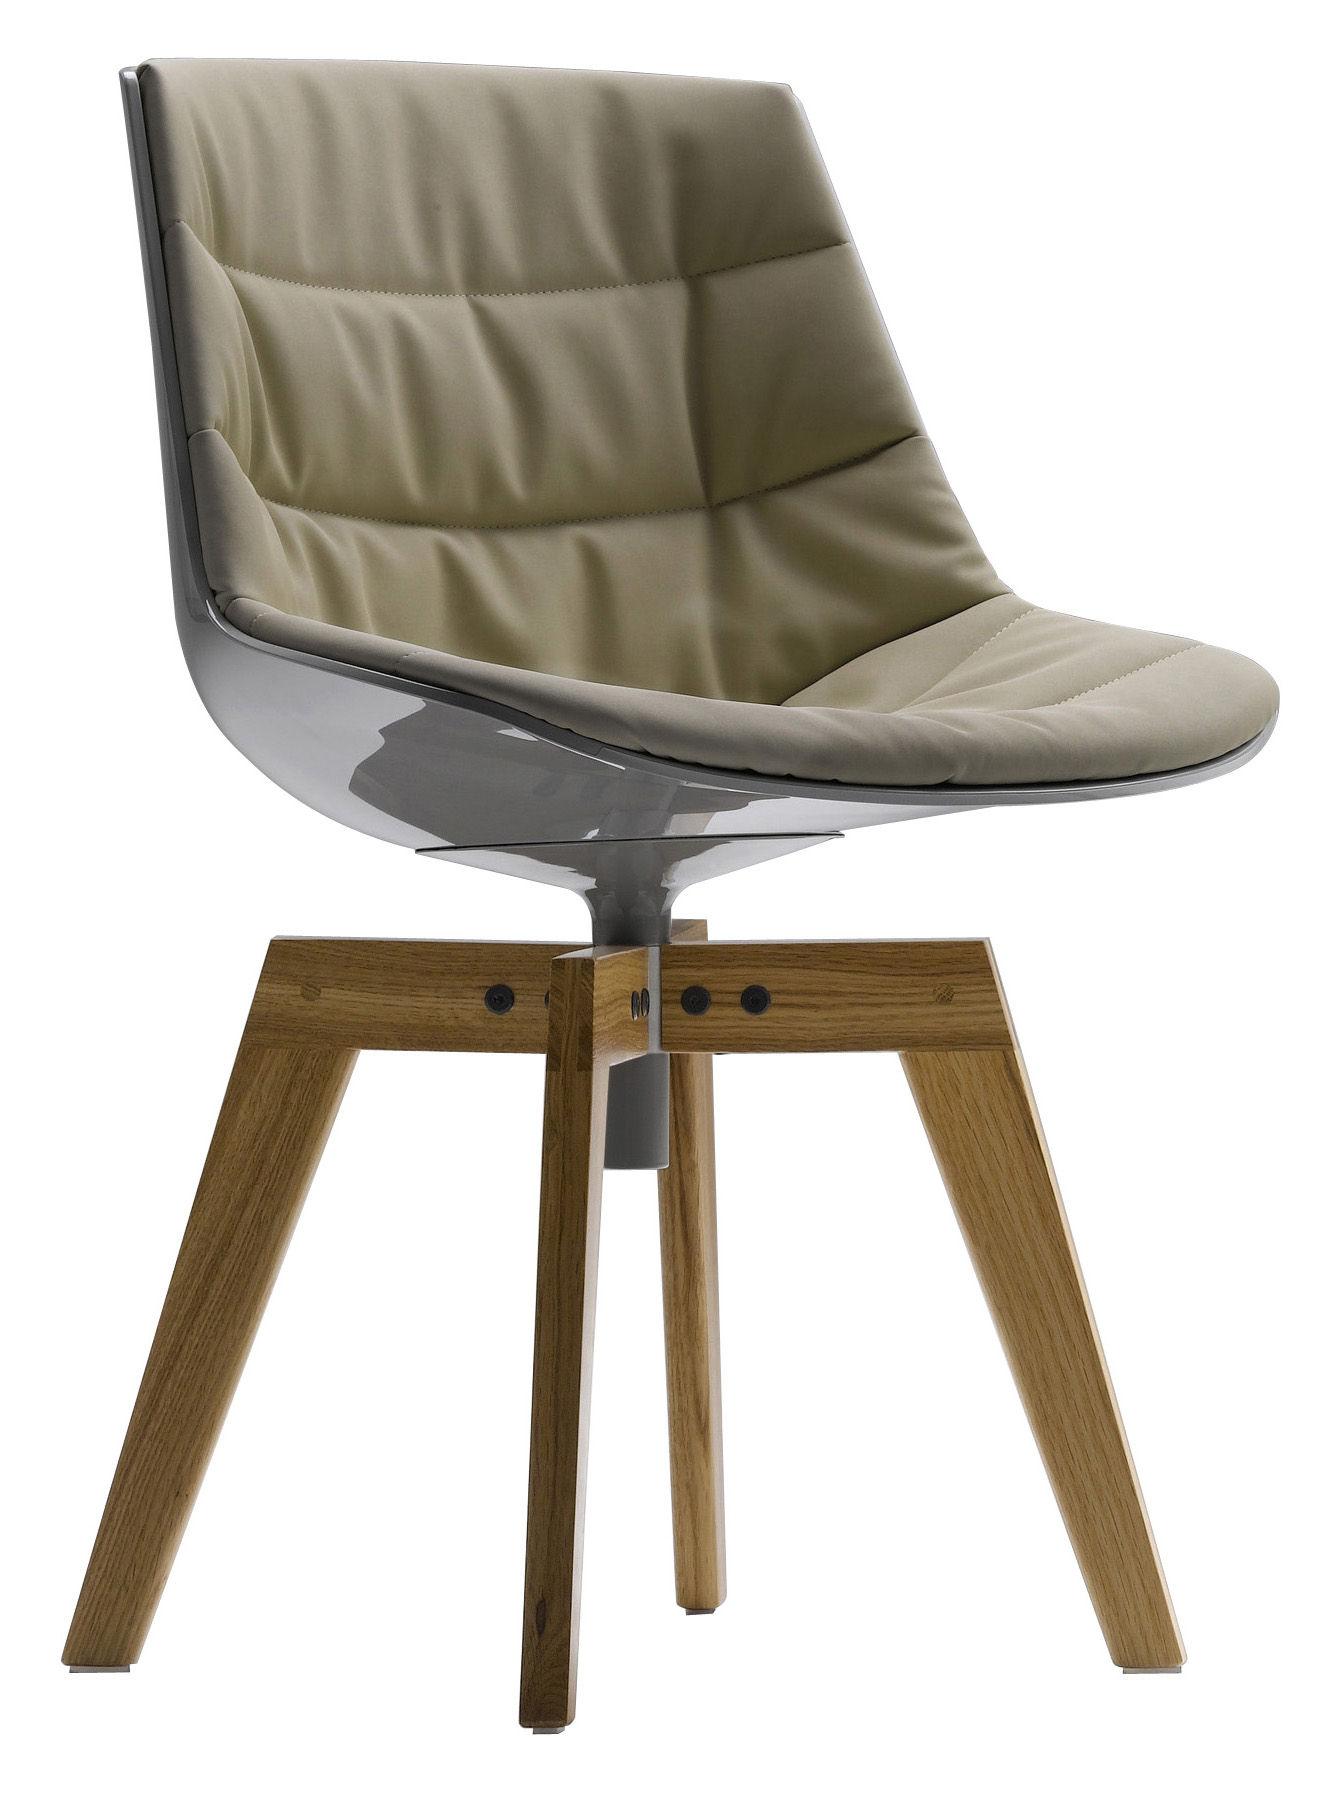 Möbel - Stühle  - Flow Drehstuhl Füße aus Eiche - MDF Italia - Weiß glänzend & Polsterung beige / Füße Eiche - lackierter Stahl, Polykarbonat, Textil